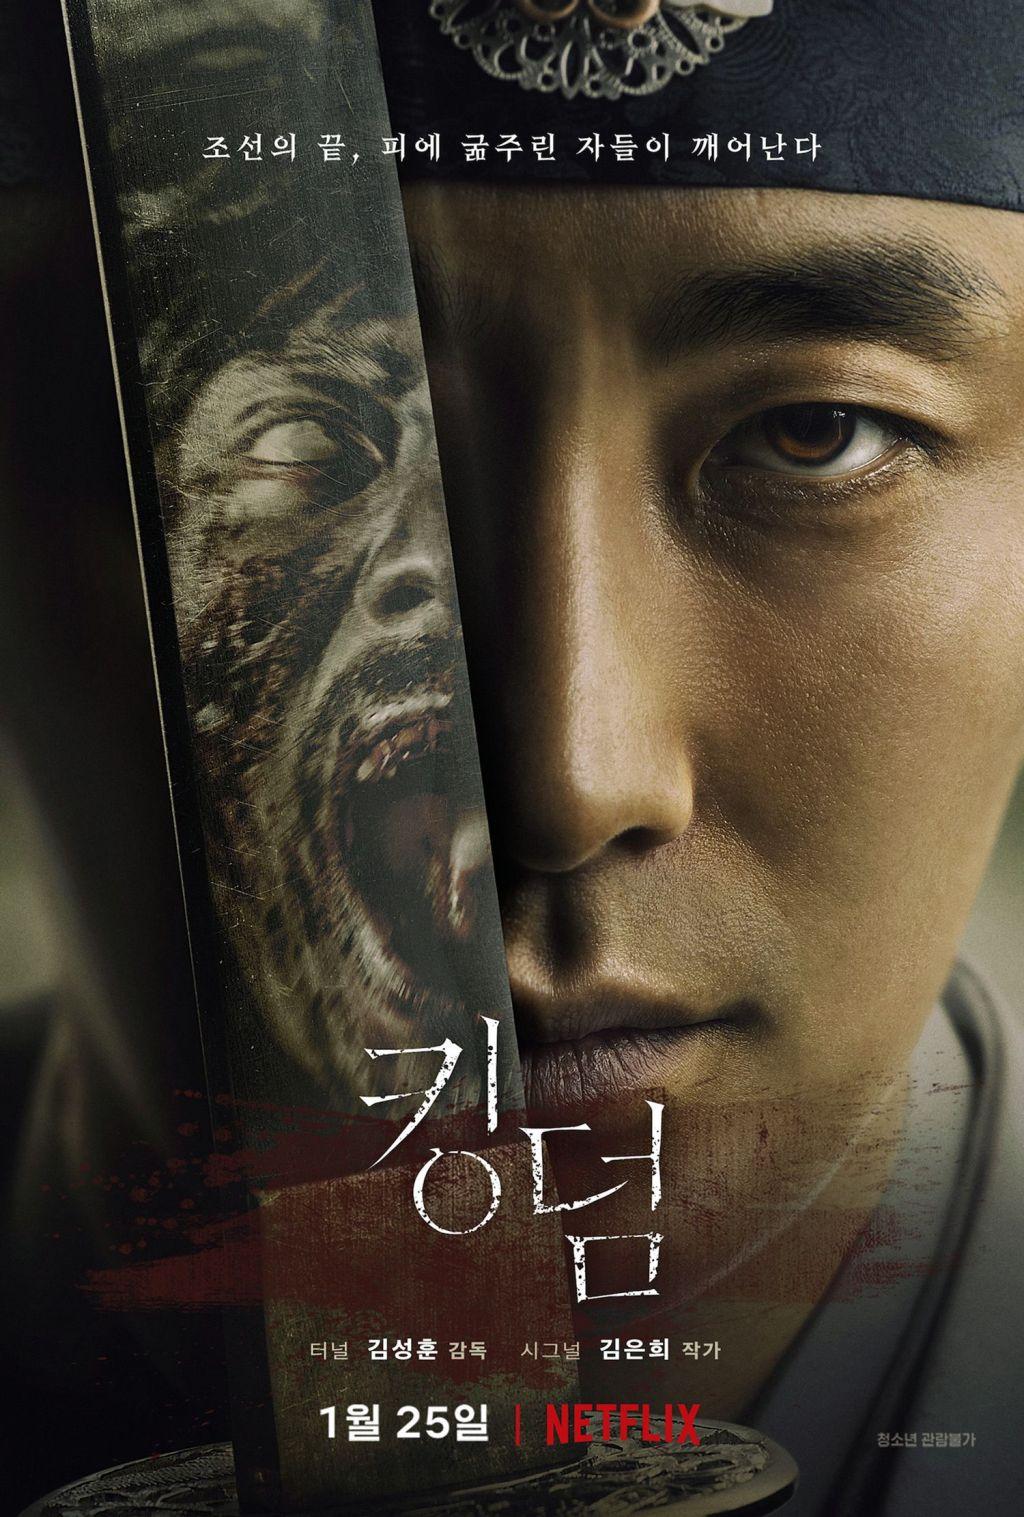 Sinopsis Dan Profil Lengkap Pemeran K-Drama Kingdom 2019